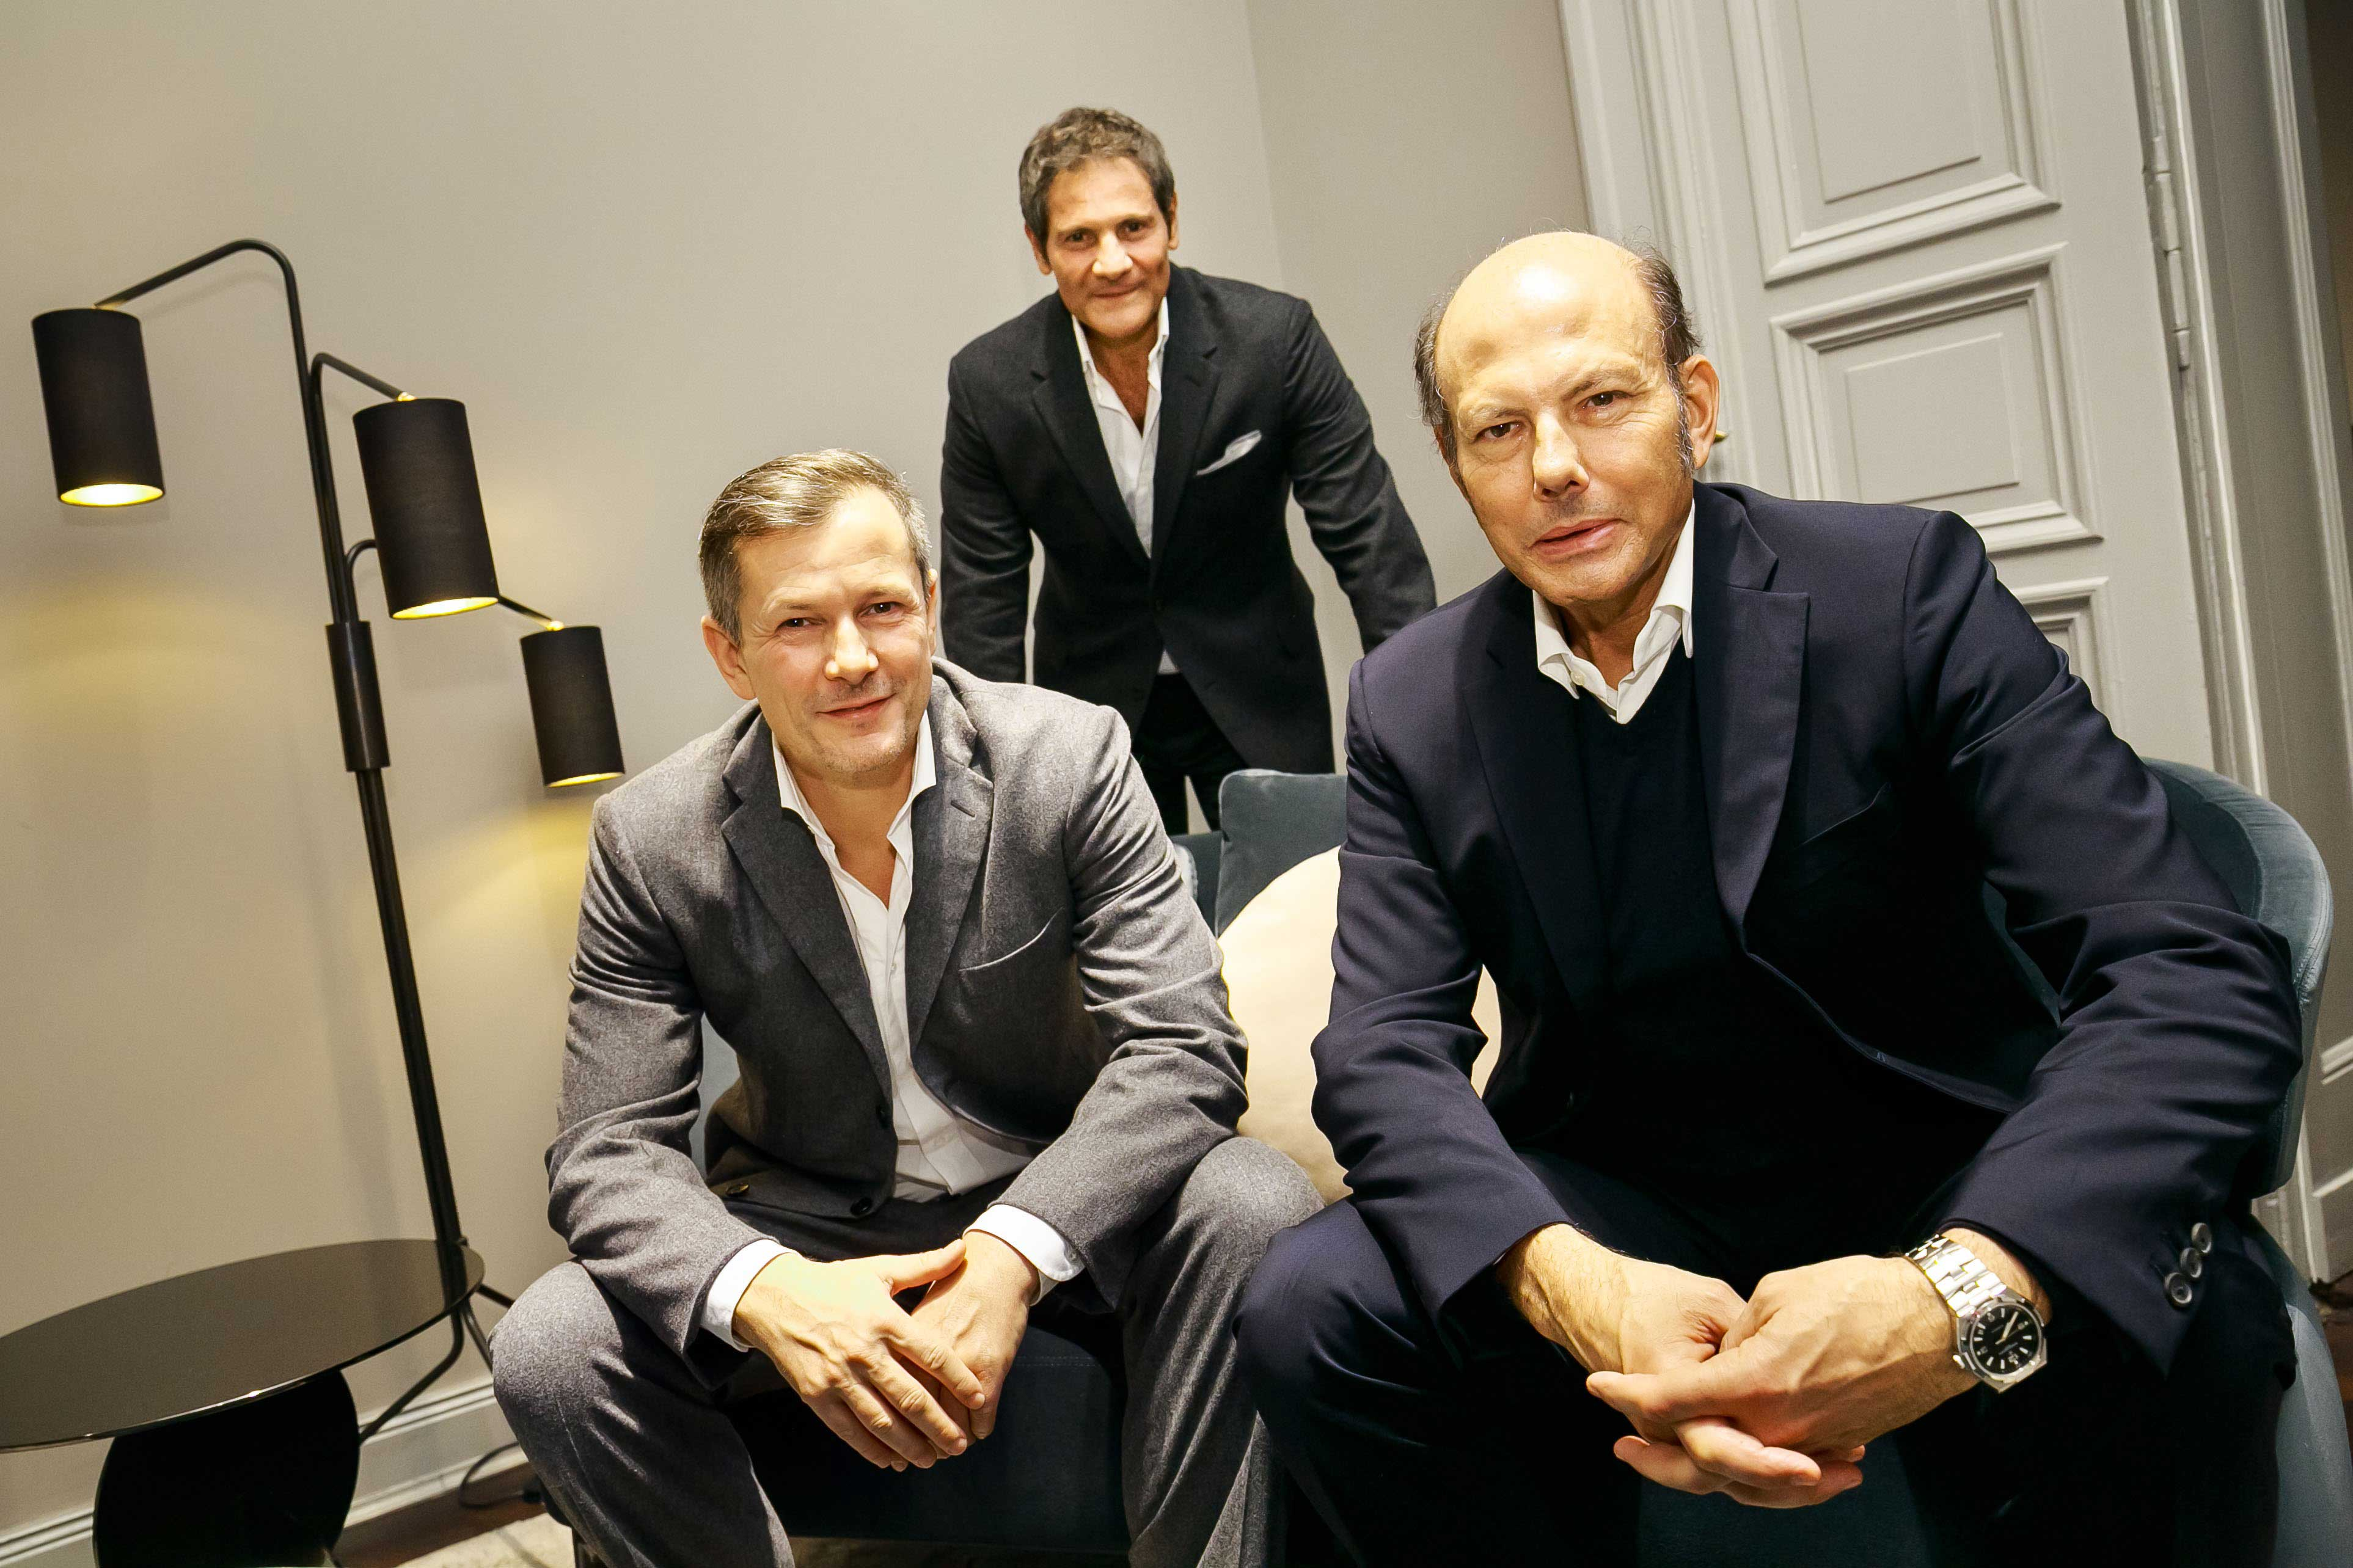 Möbel à la famiglia - Interview mit Roberto Minotti